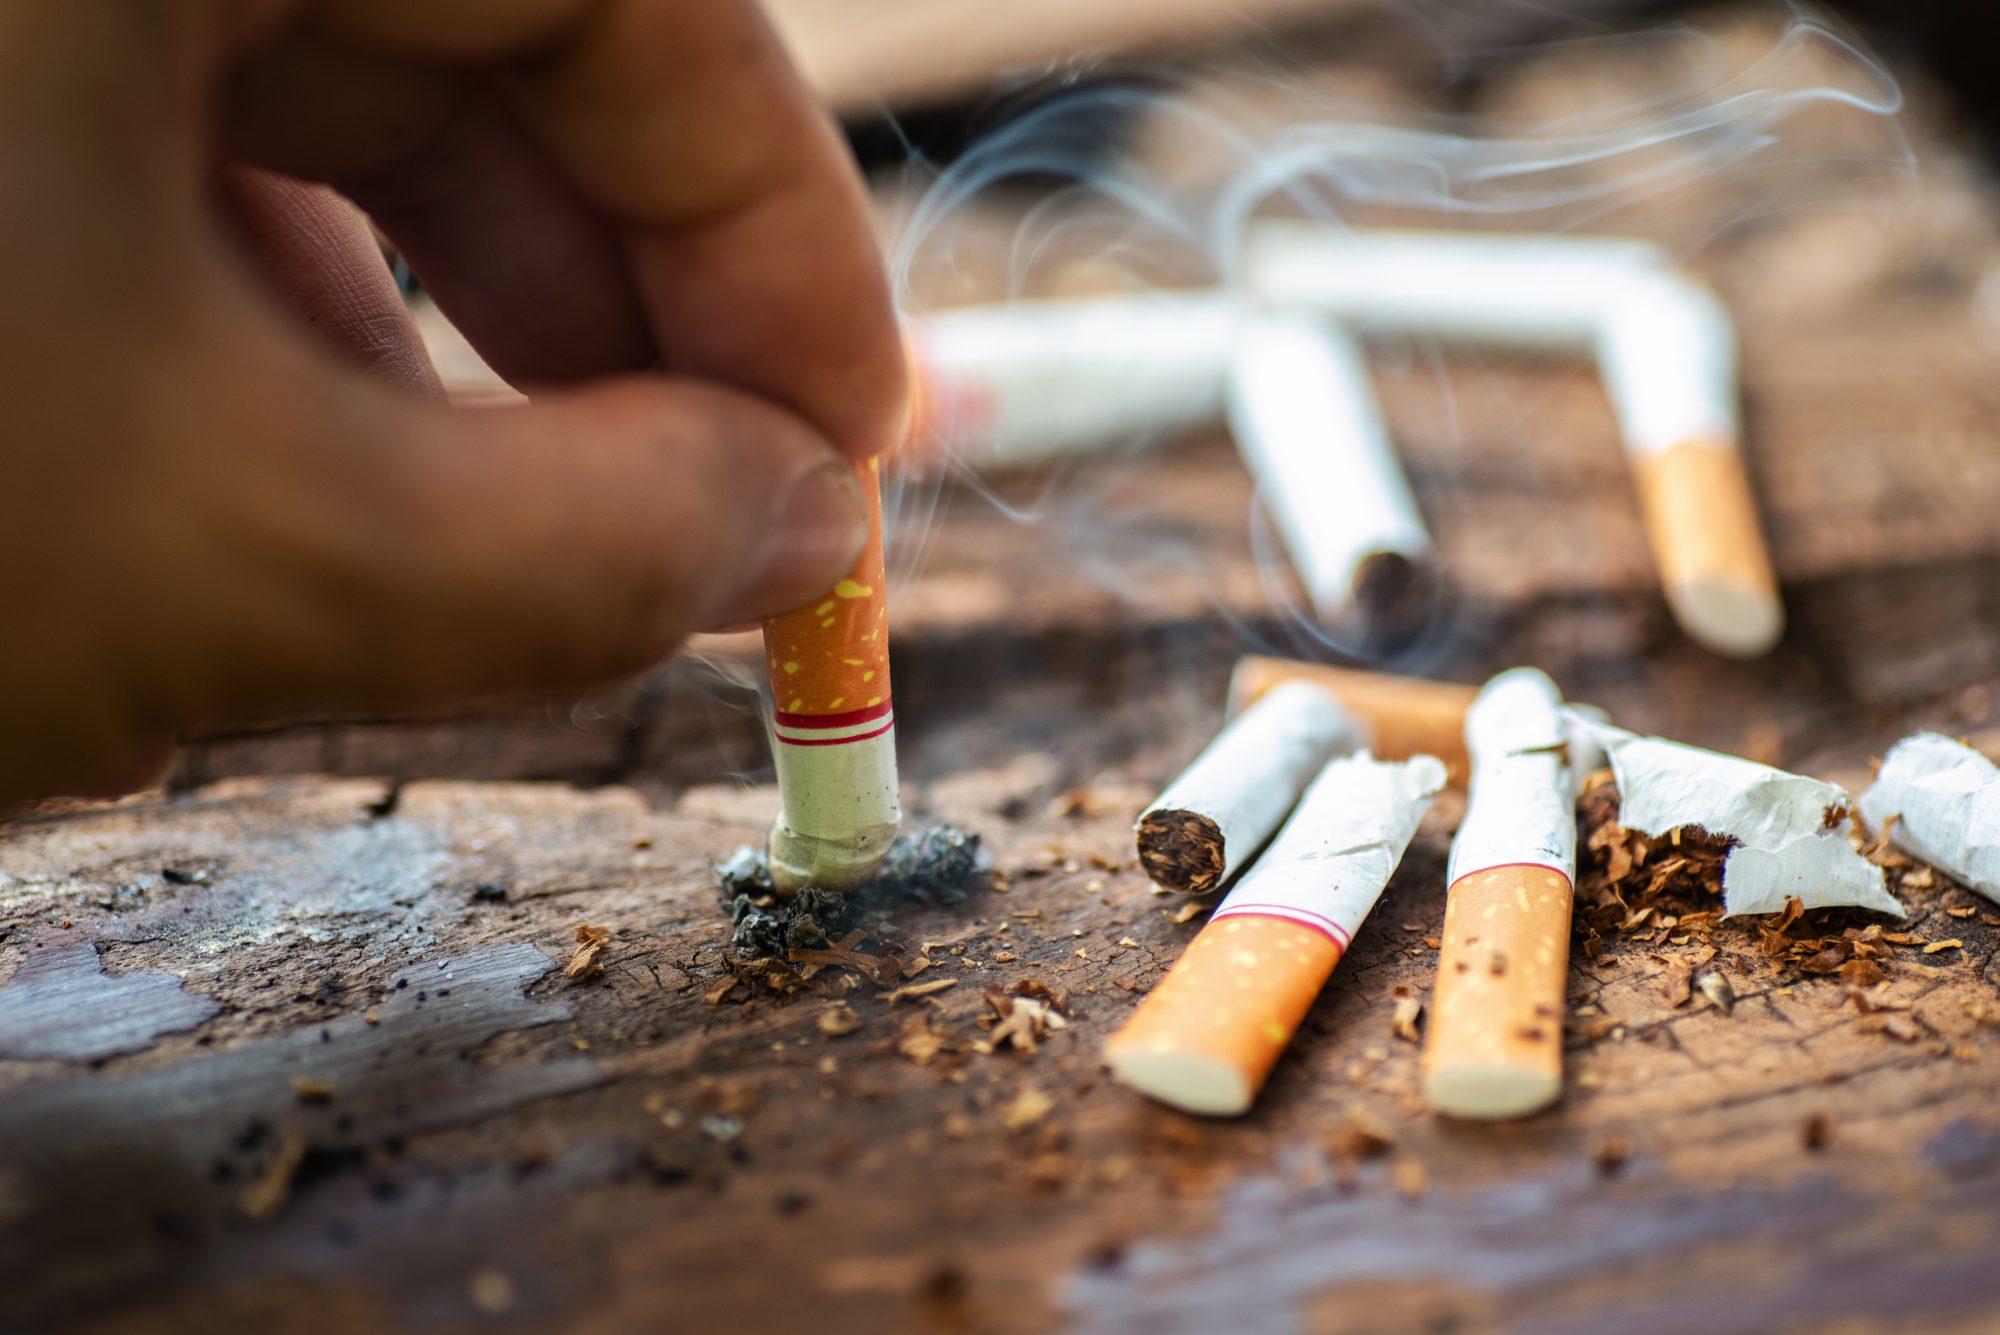 """""""Hay estudios que demuestran que si fumas eso hace que aumente la grasa visceral"""", aseguró el doctor."""